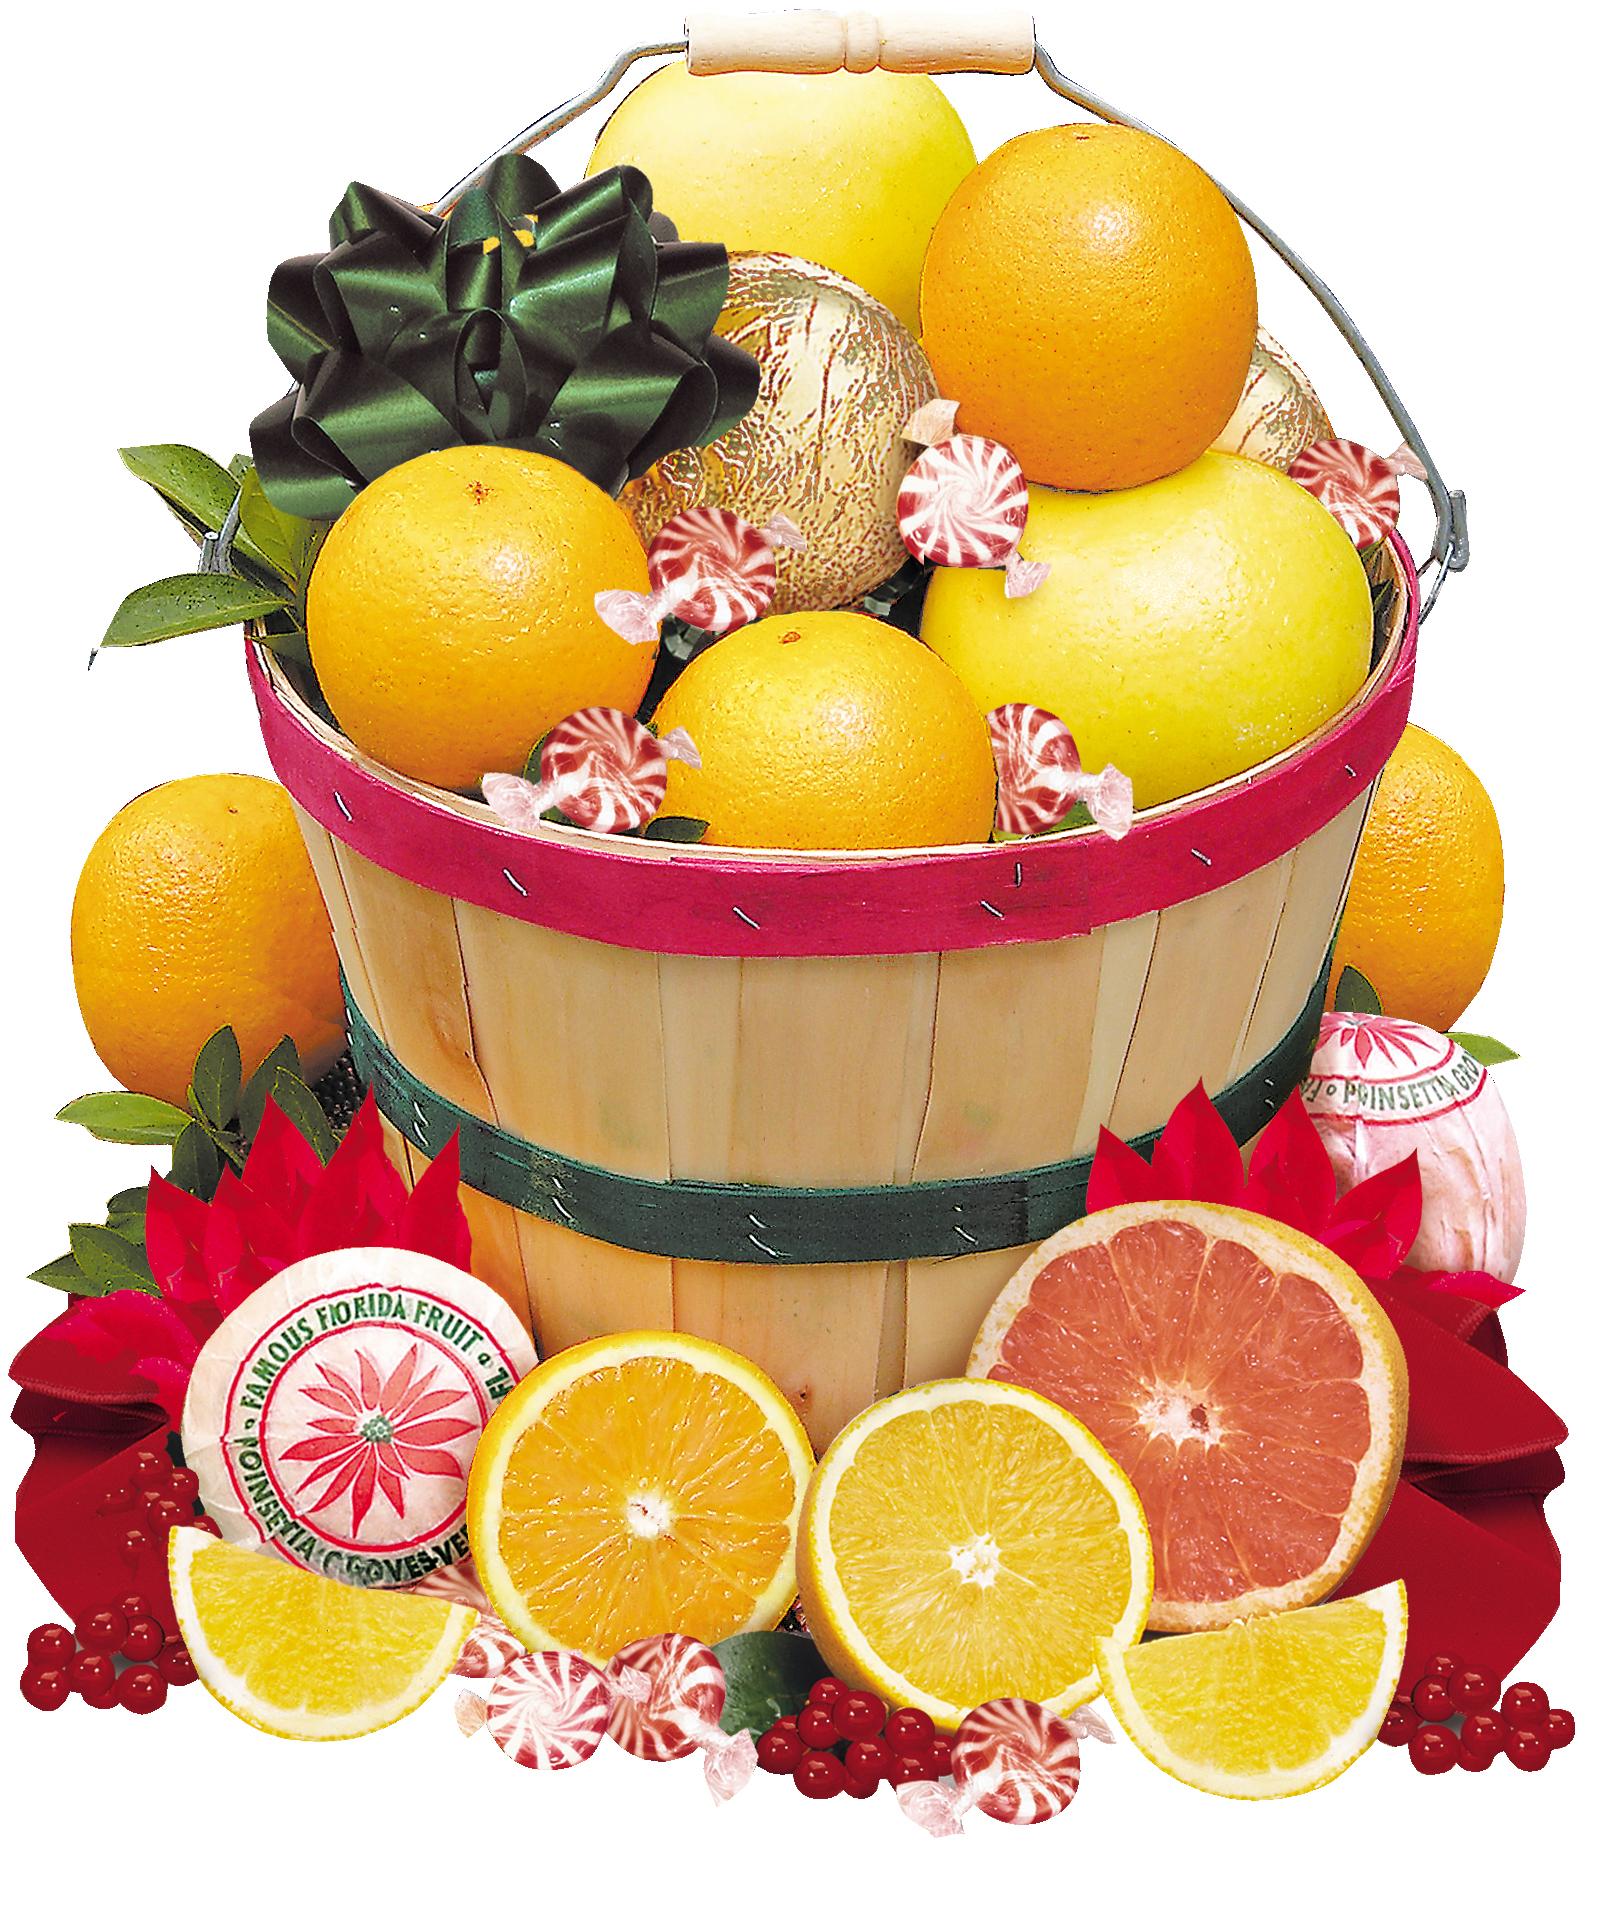 Holiday Harvest Basket